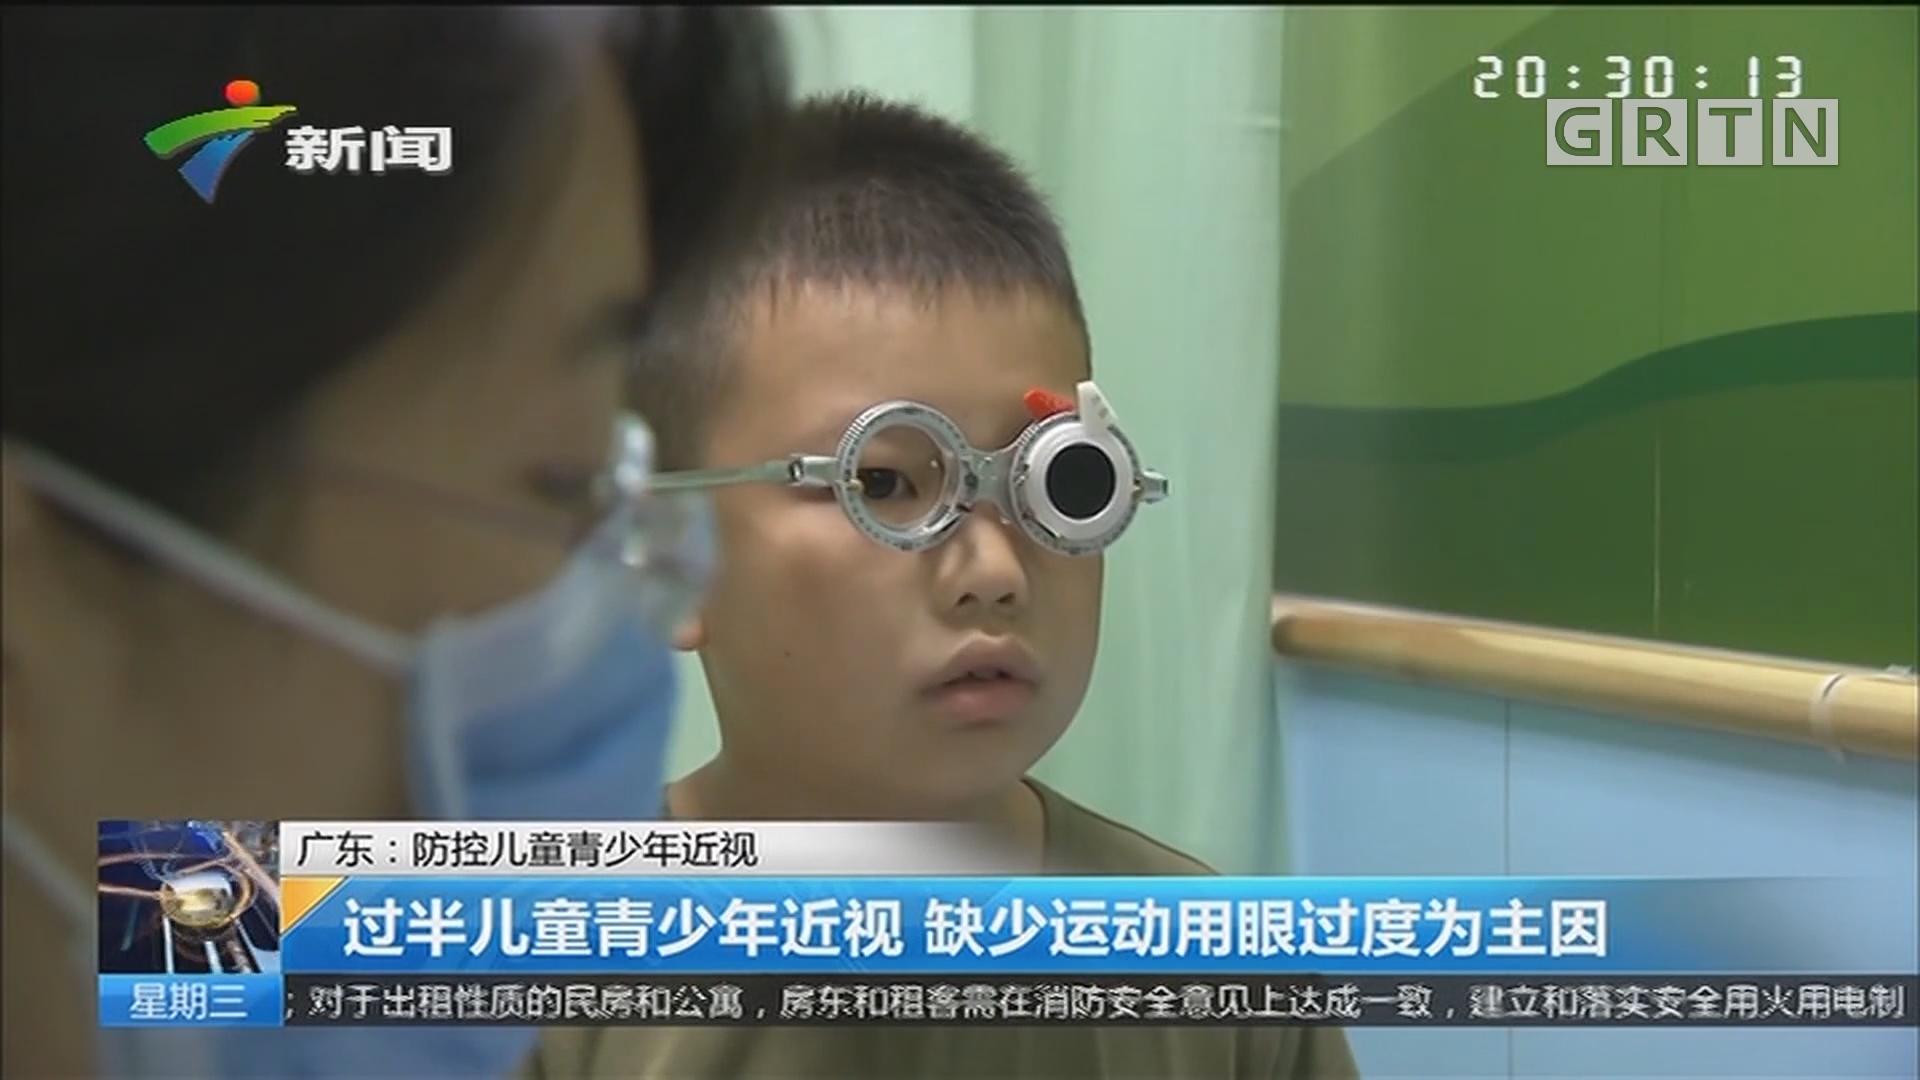 广东:防控儿童青少年近视 过半儿童青少年近视 缺少运动用眼过度为主因